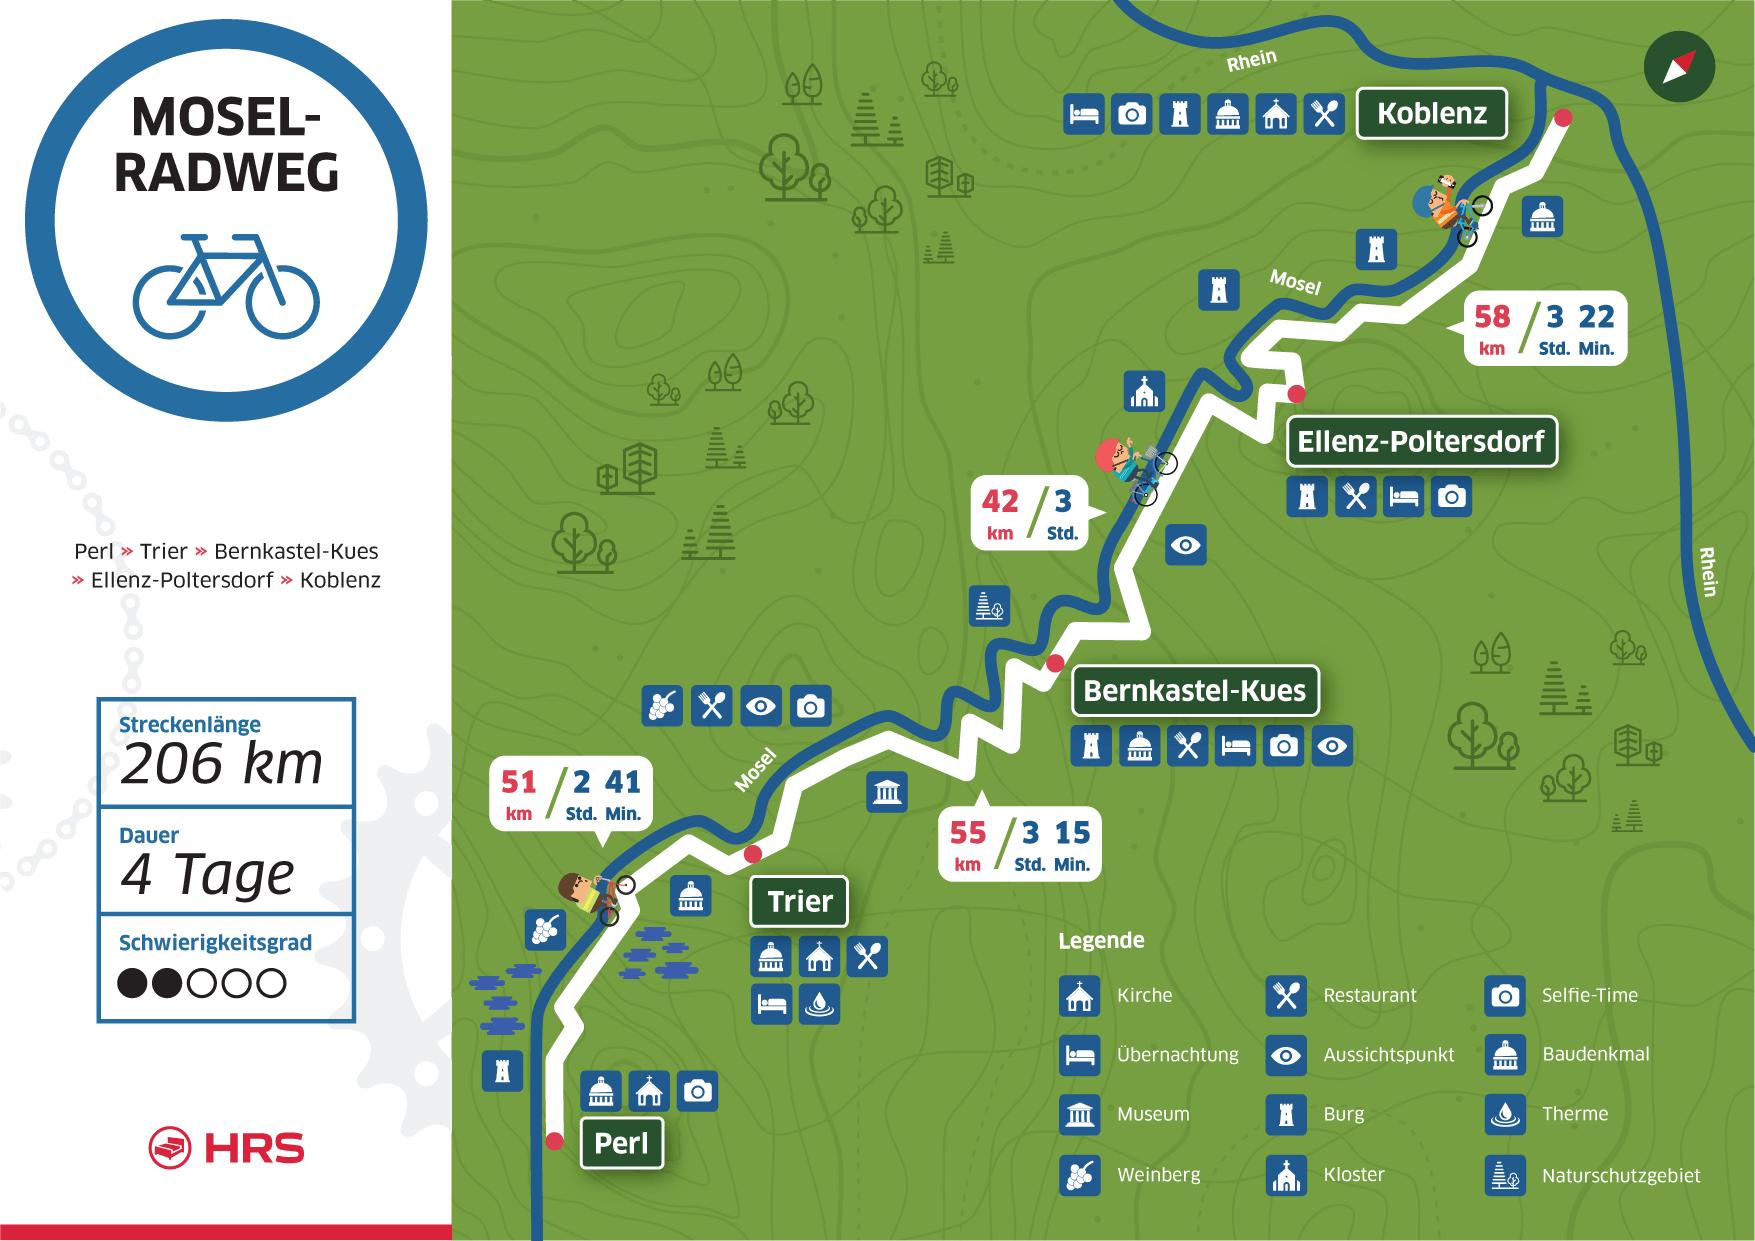 Die Schonsten Deutschen Fahrradstrecken Kostenlose Karten Hrs